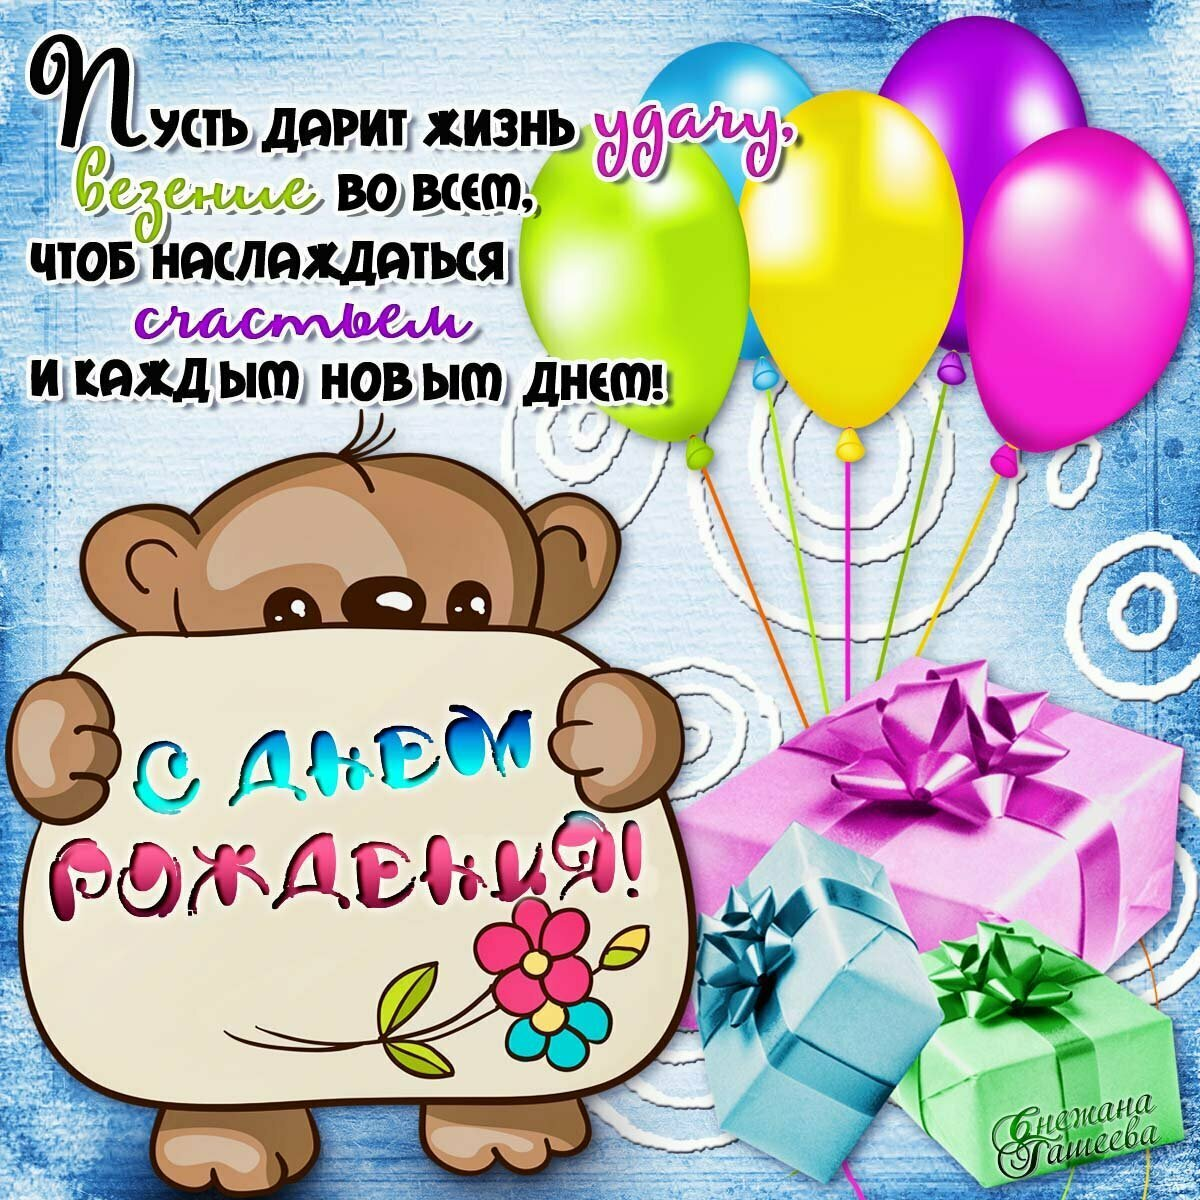 Поздравления с днем рождения сладкой девочке